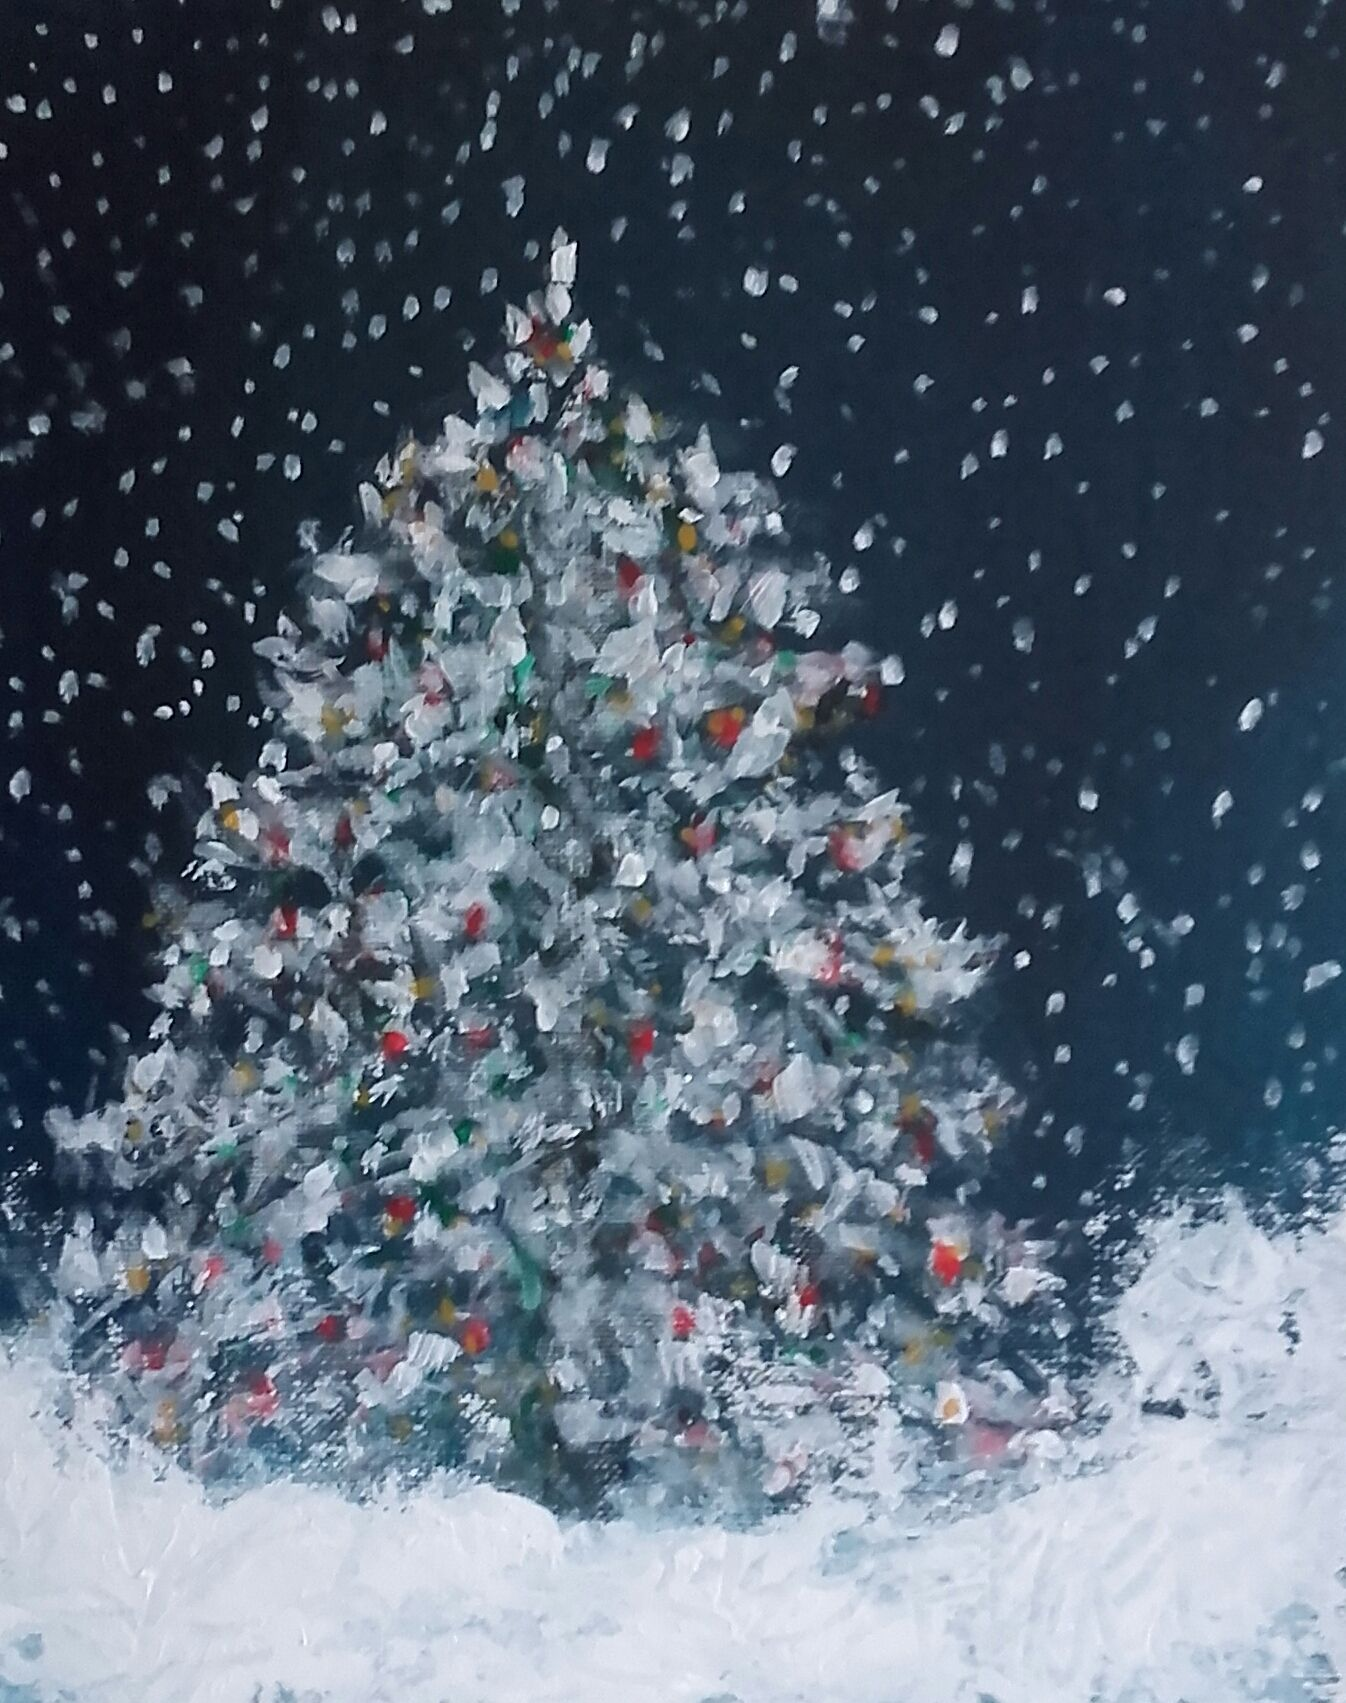 Kerstboom Schilderij Jeannette Van Welie Kerst Schilderijen Schilderij Kerstboom